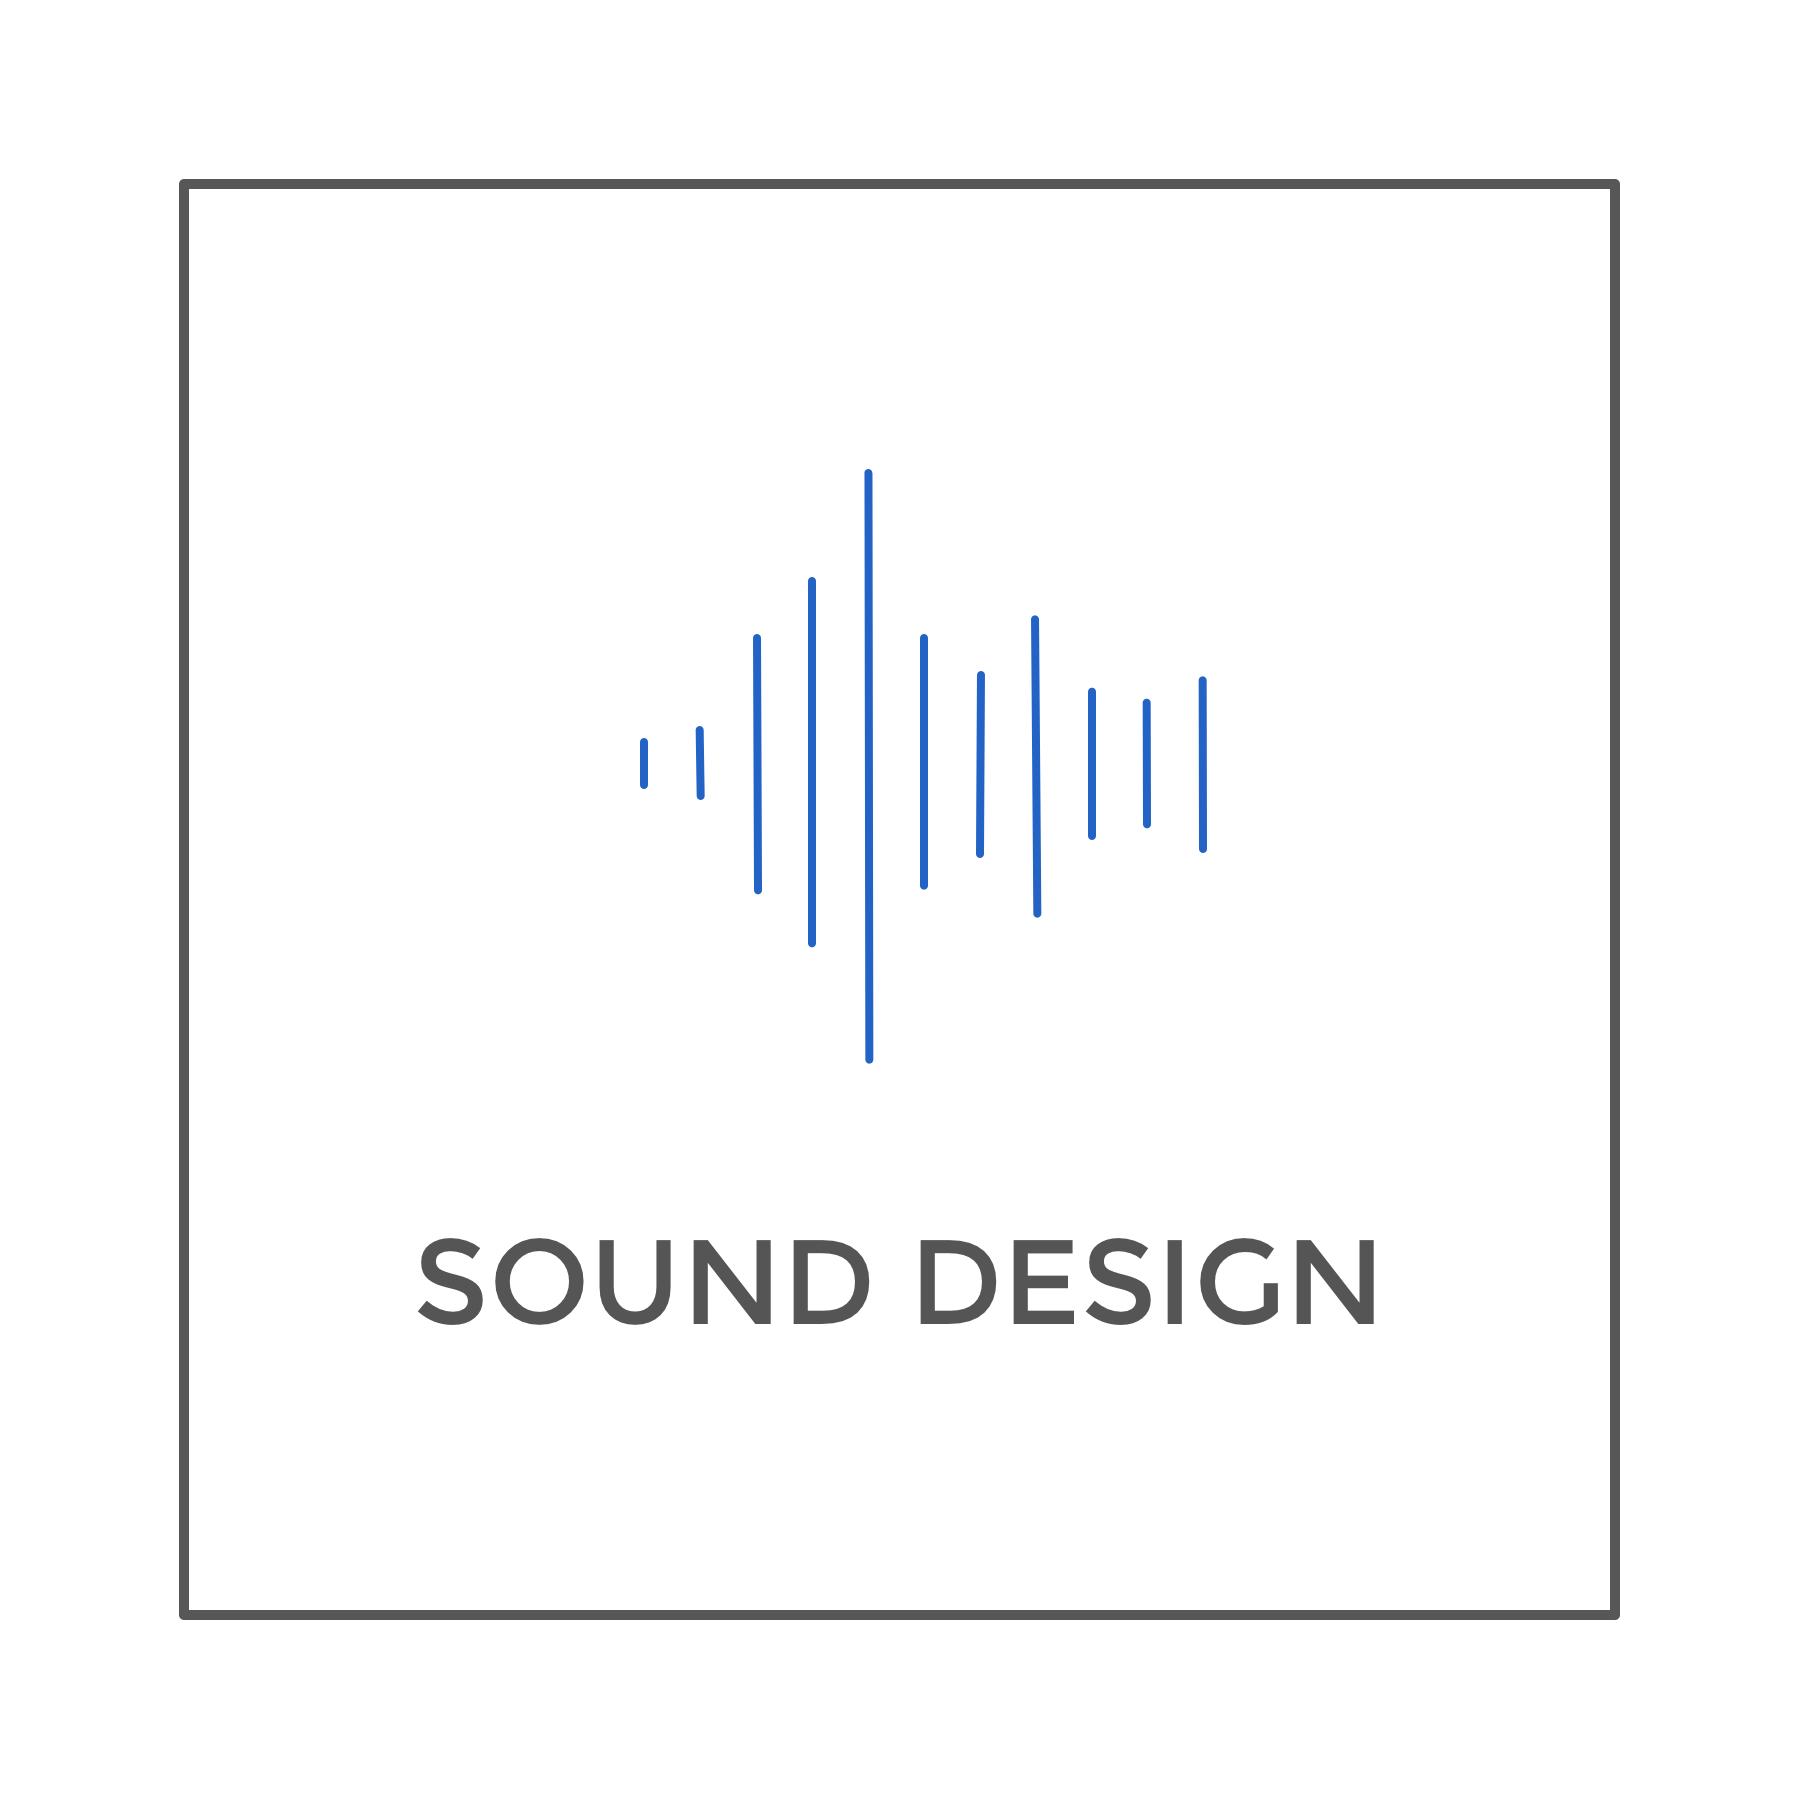 3Sound Design.jpg